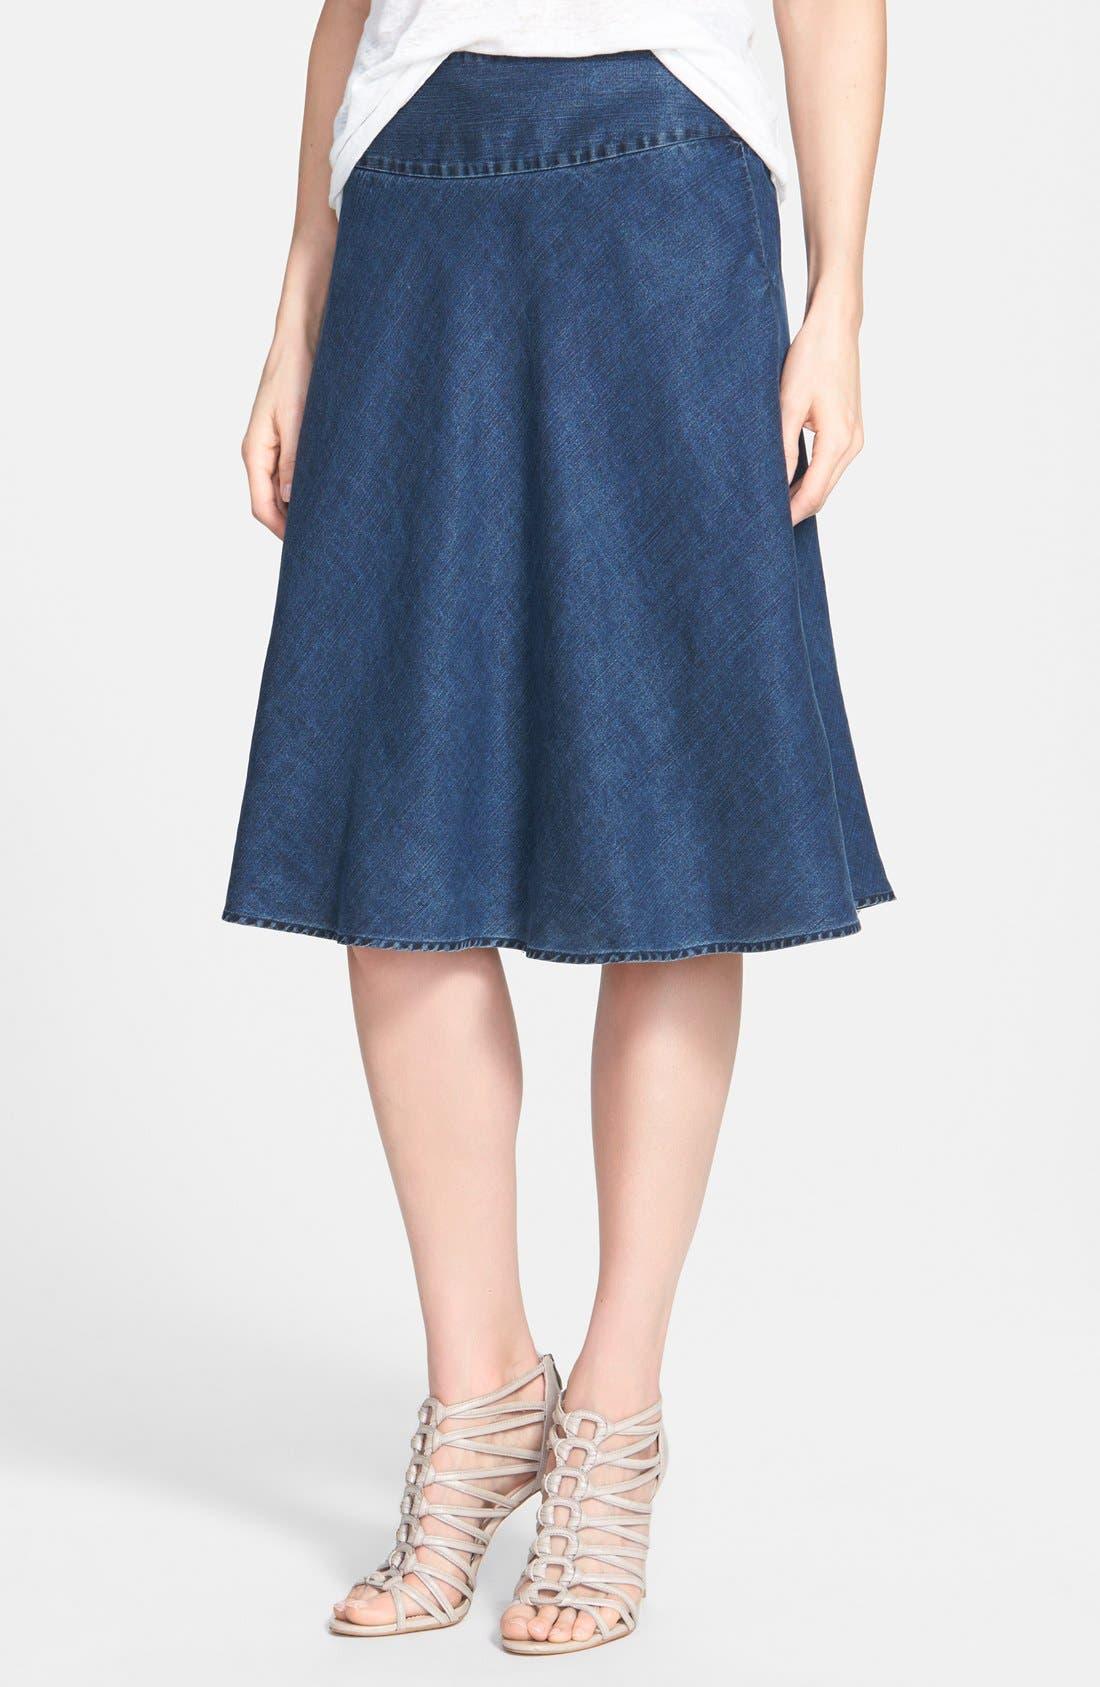 Petite Flirt Skirt $118